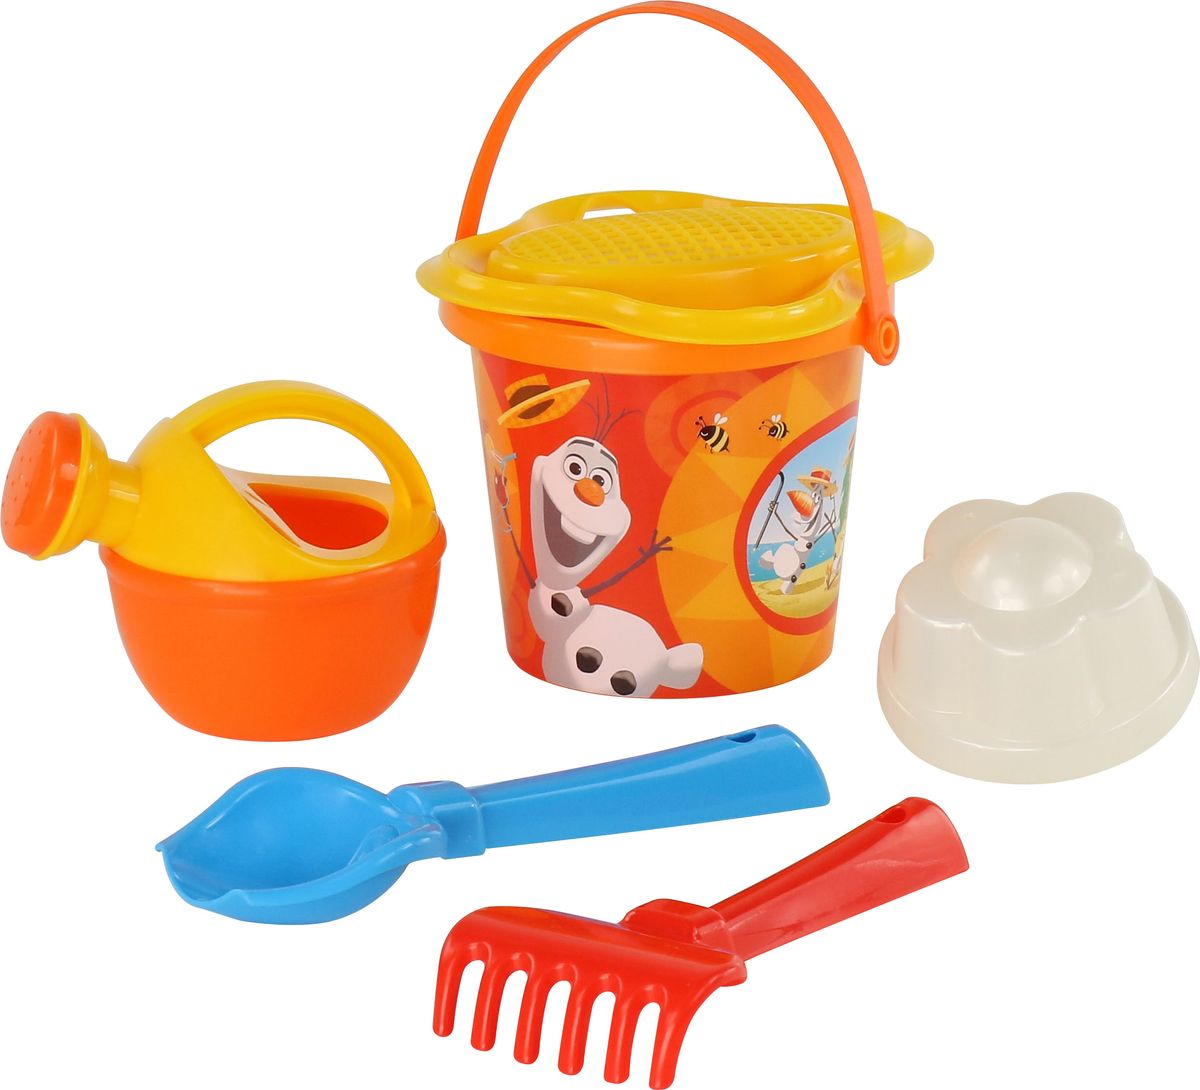 Disney Набор игрушек для песочницы Холодное сердце №4, цвет в ассортименте